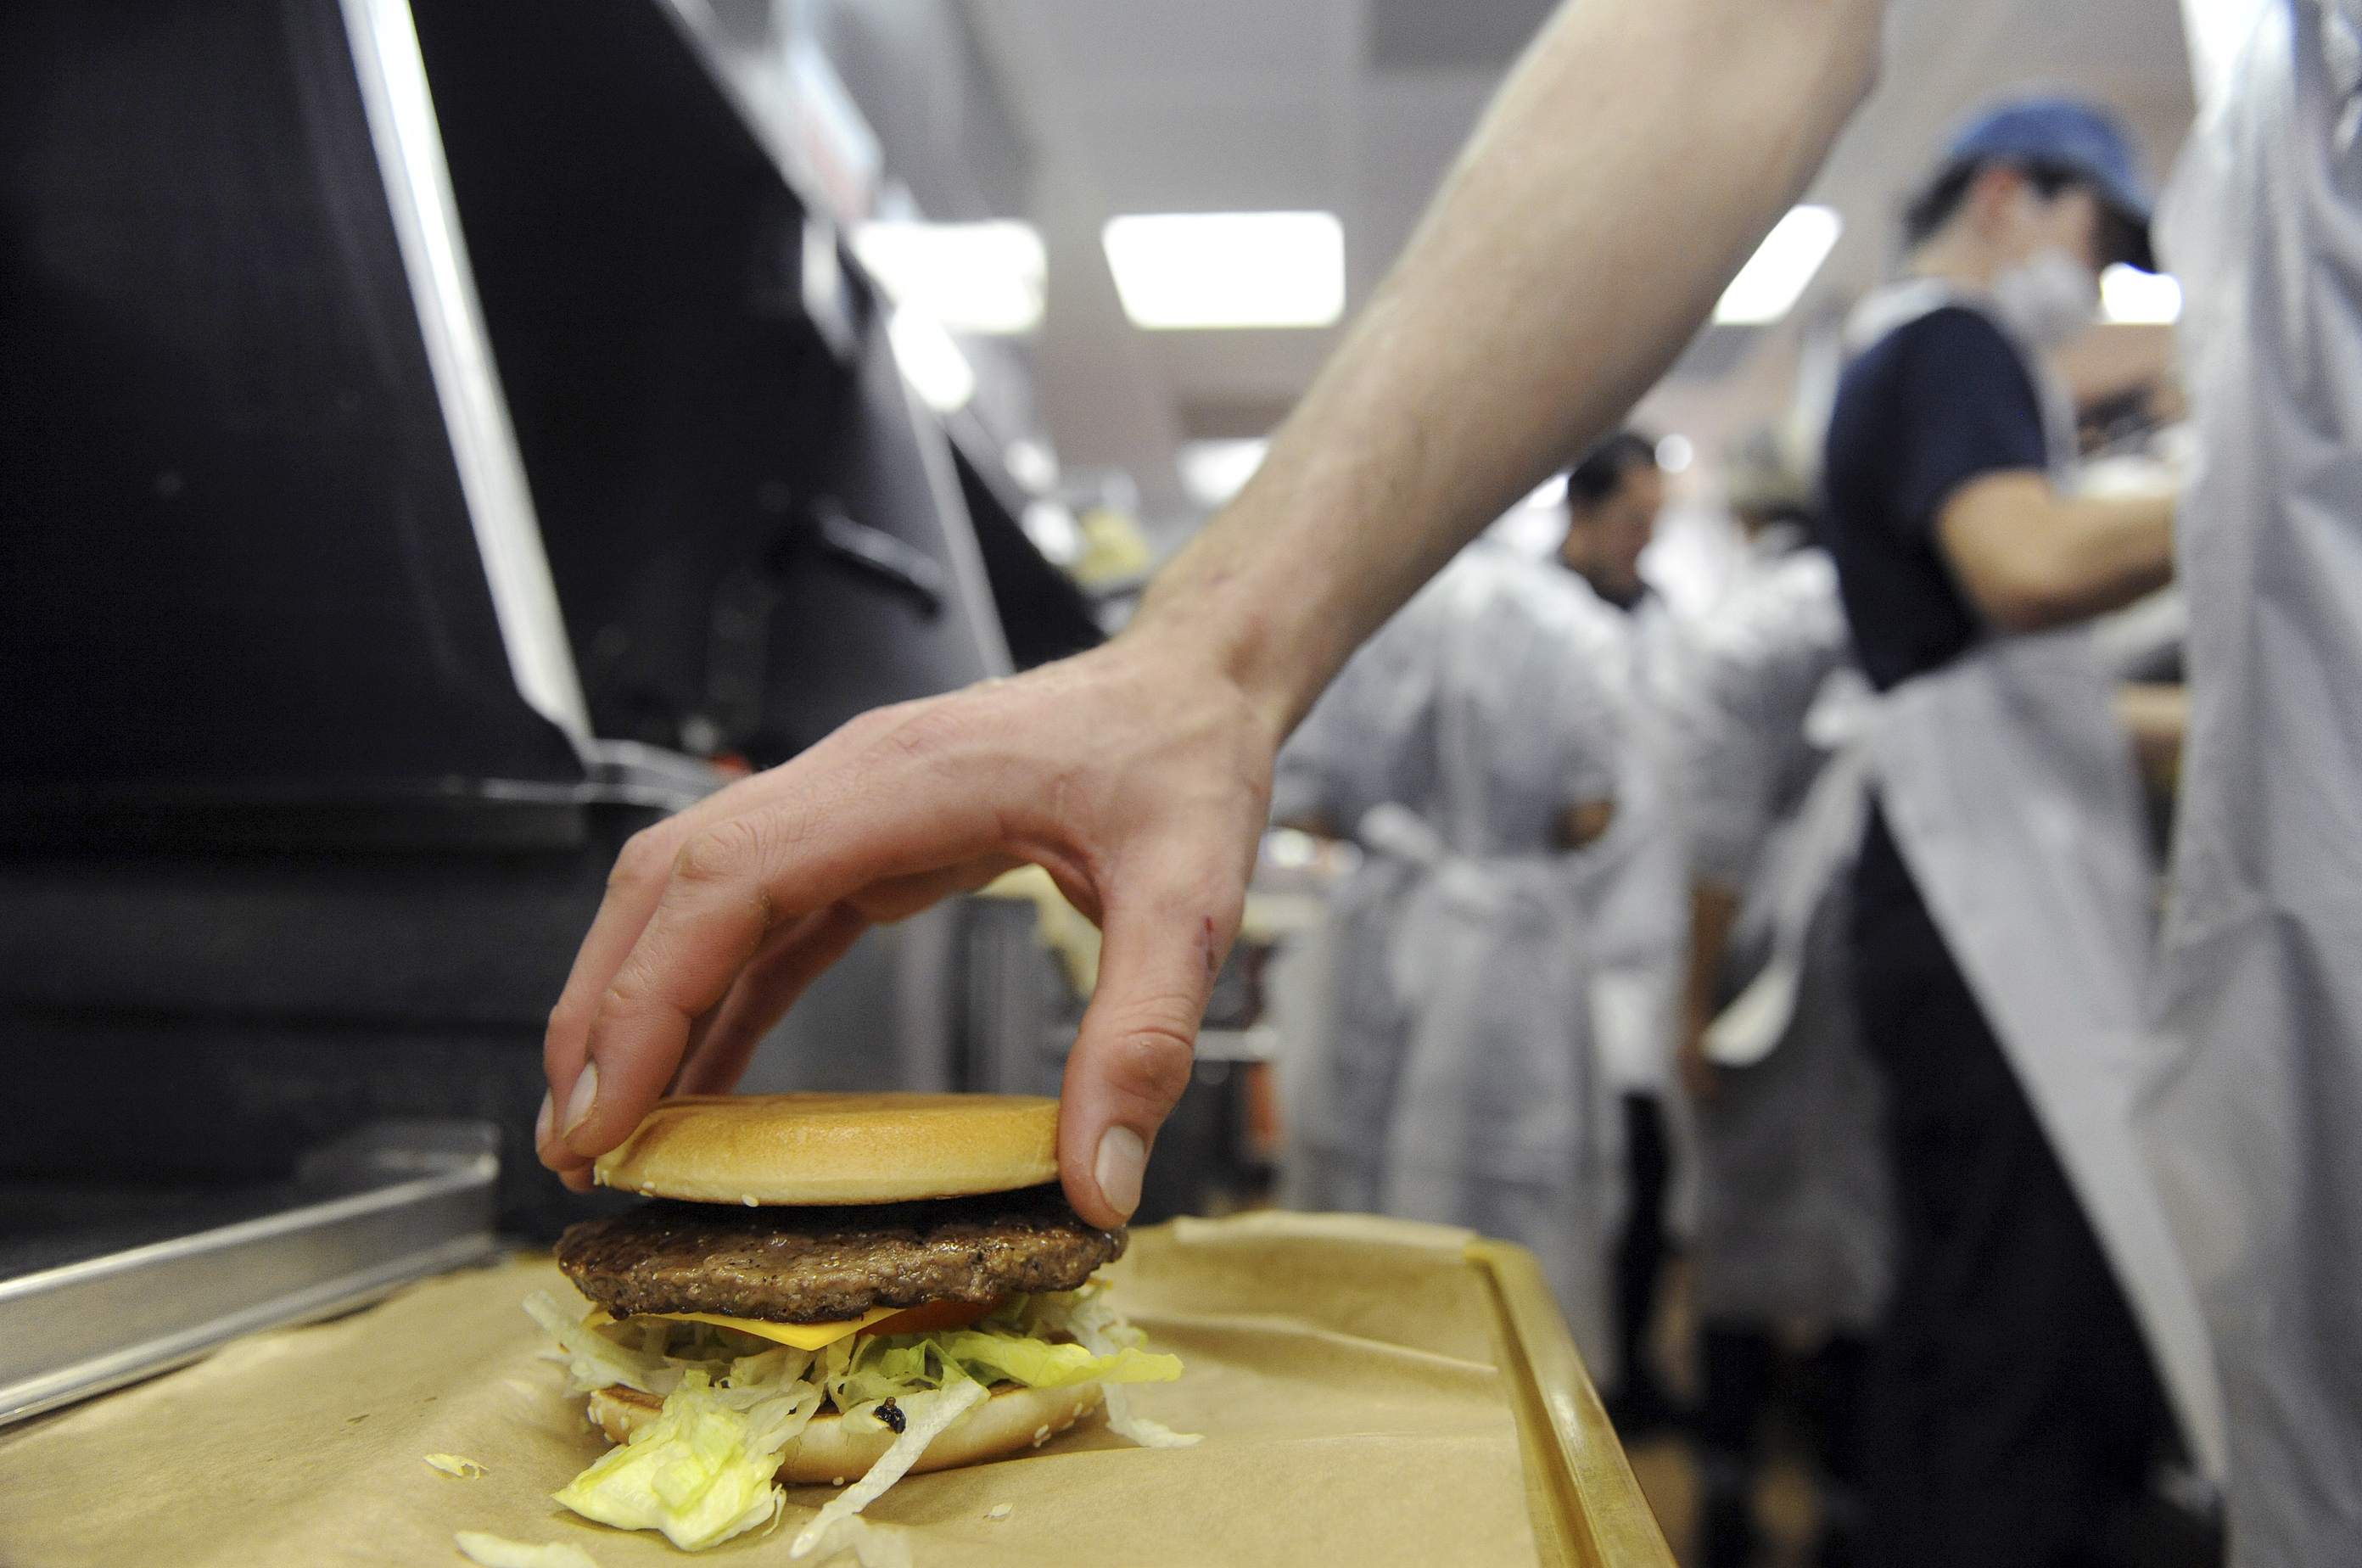 An employee prepares a hamburger at a US